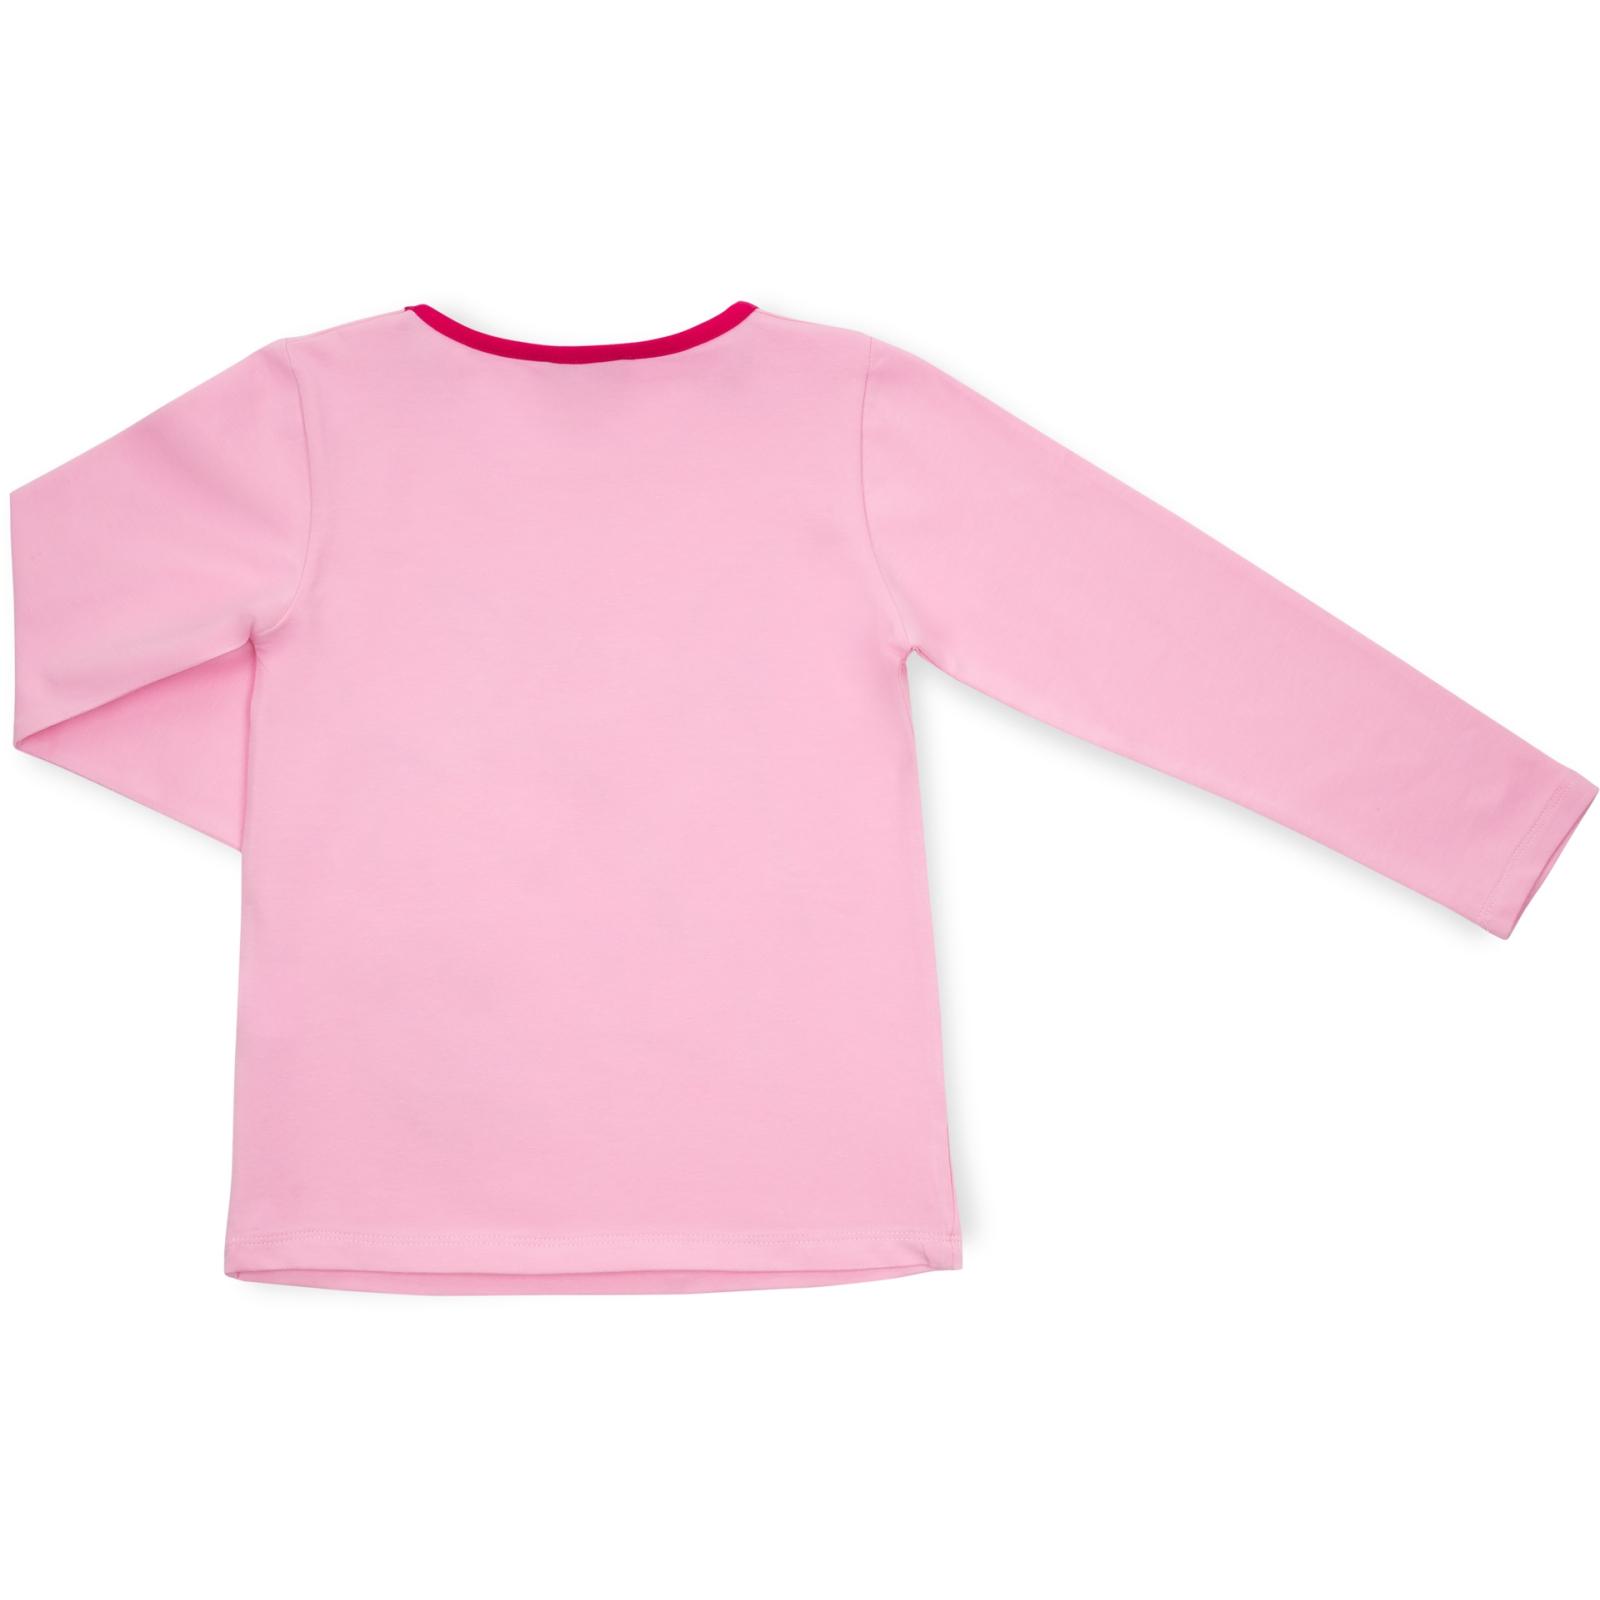 Пижама Matilda с оленями (10817-3-122G-pink) изображение 5